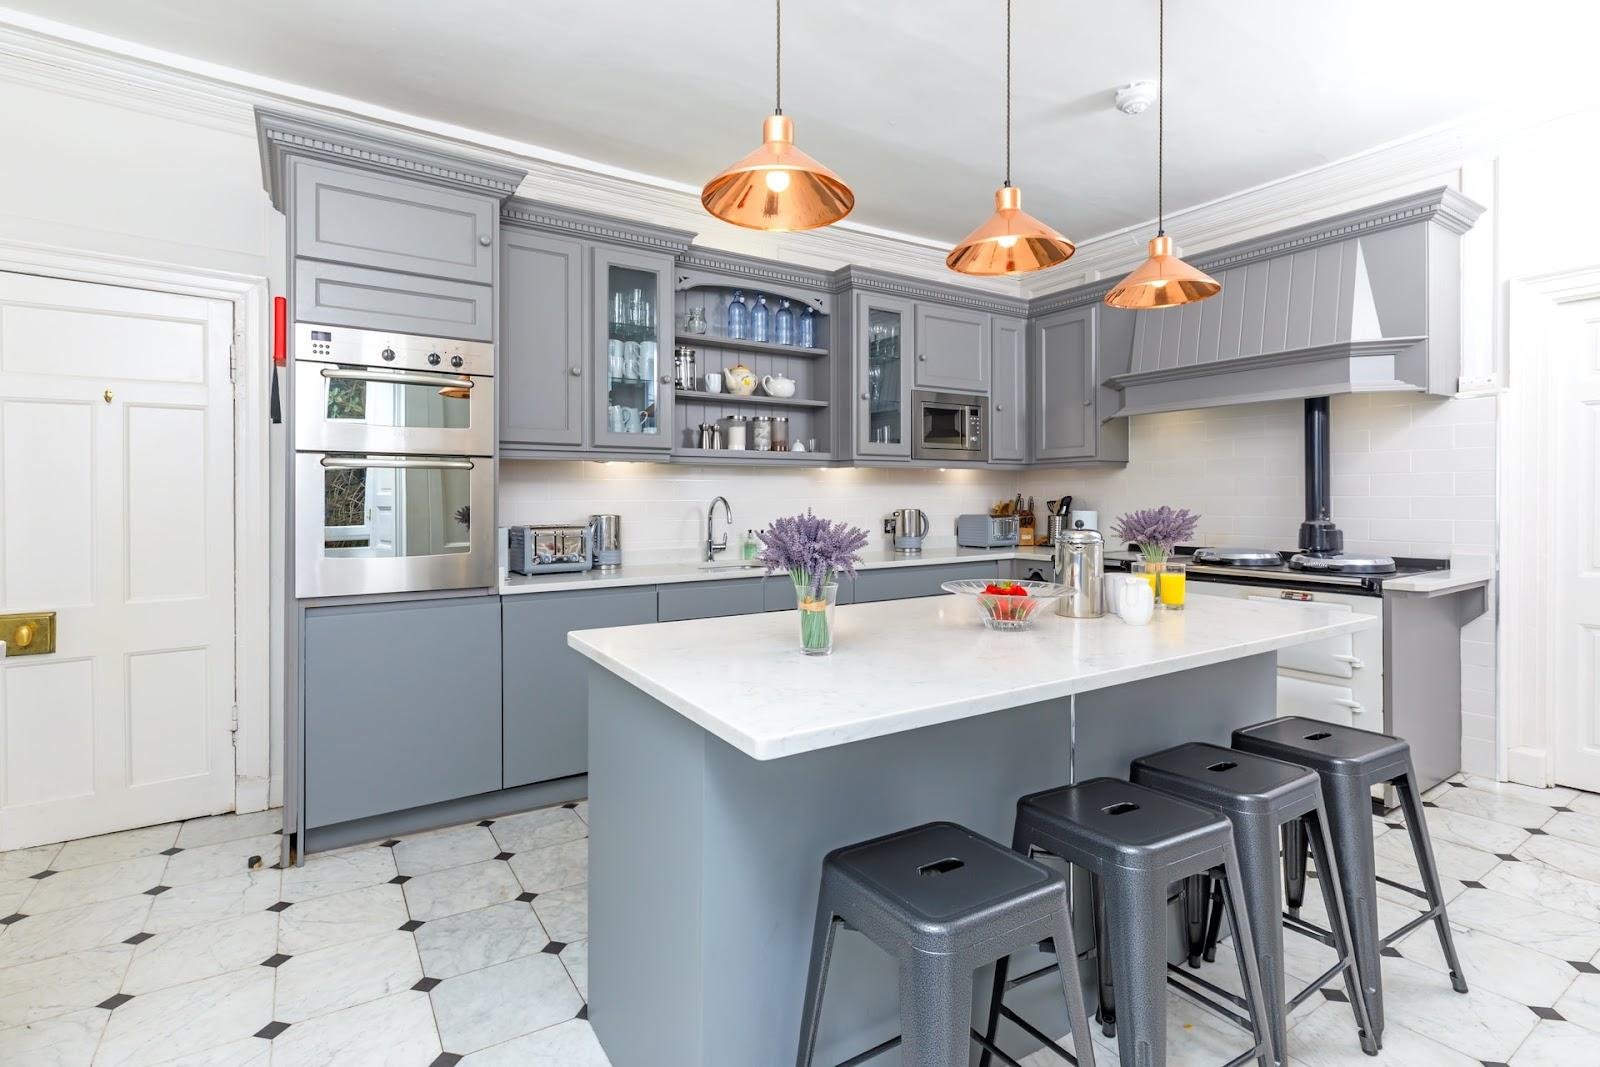 Stylish minimalist kitchen designs, Modern grey kitchen- open plan kitchen with grey cabinets, island, chairs & appliances